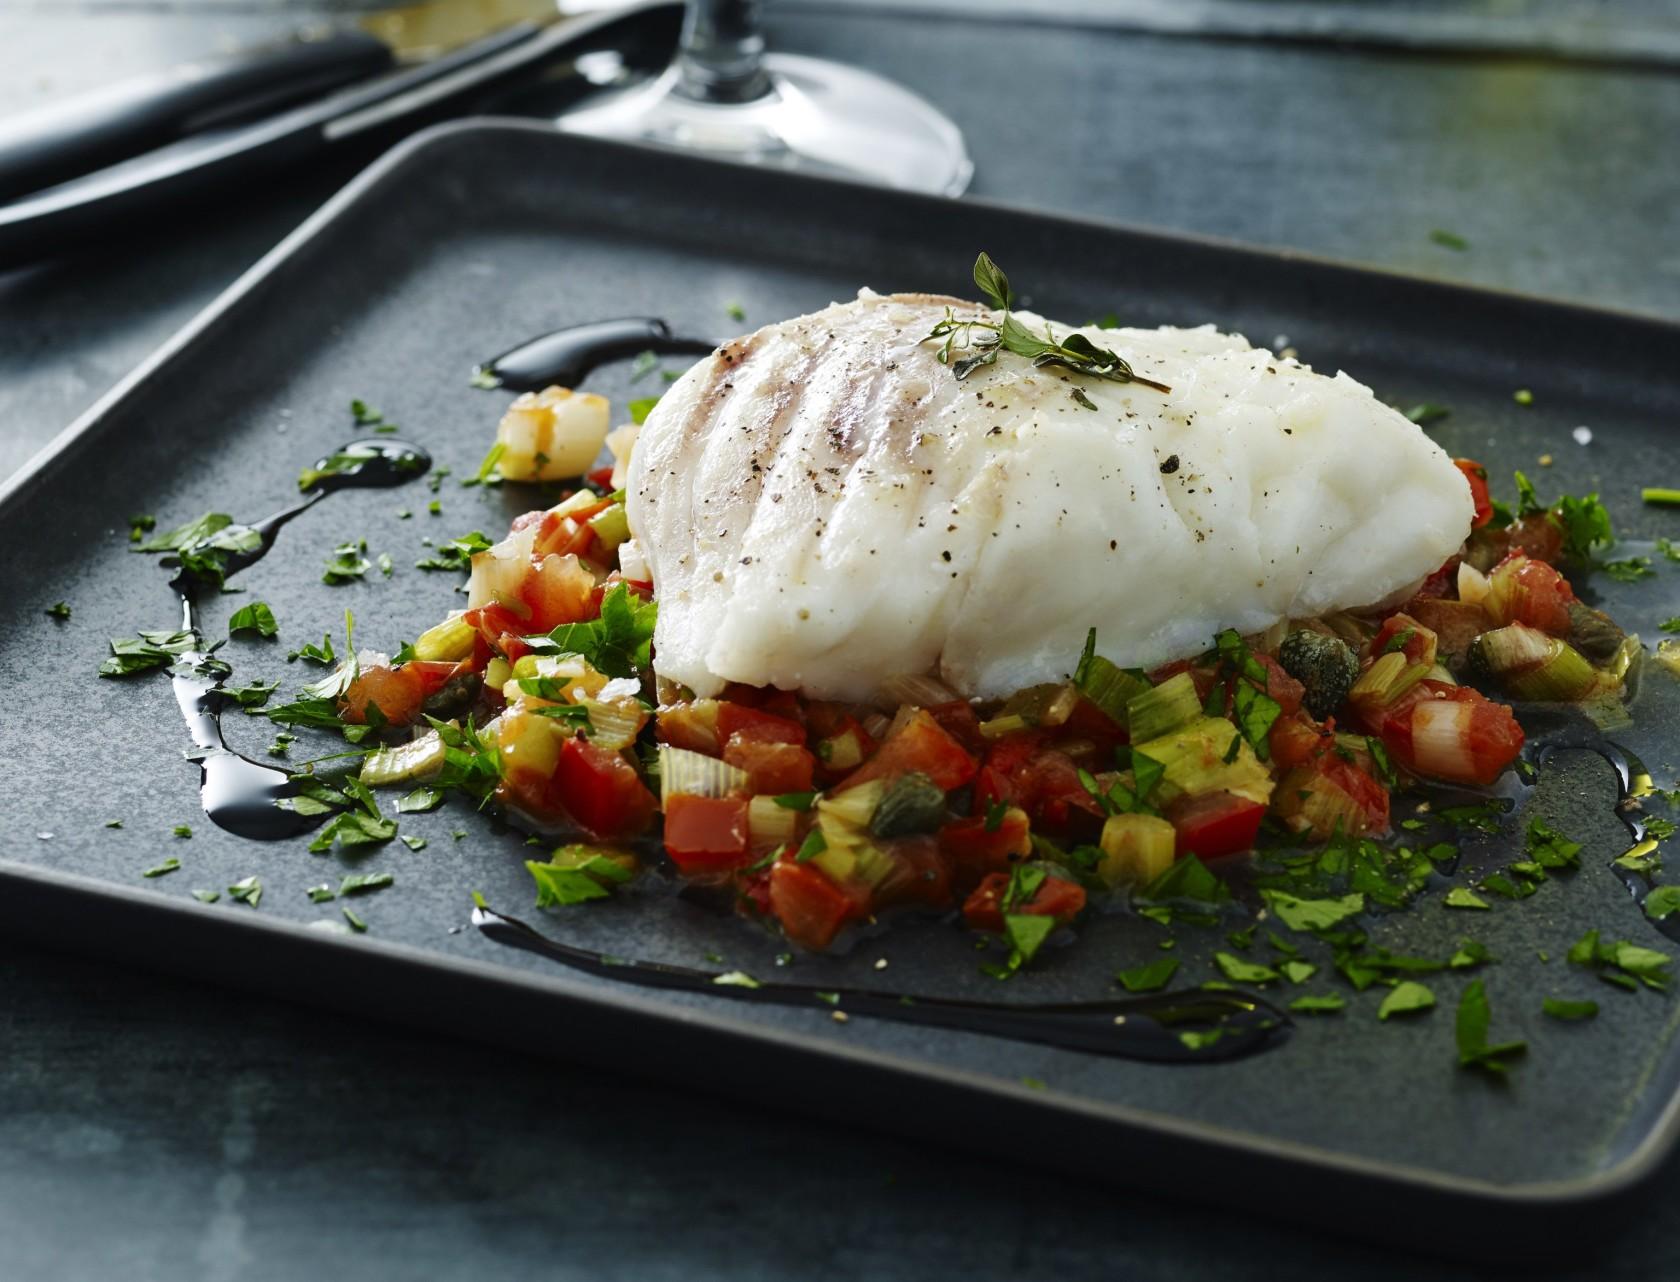 Bagt torsk med lækkert tilbehør - nem og lækker opskrift!